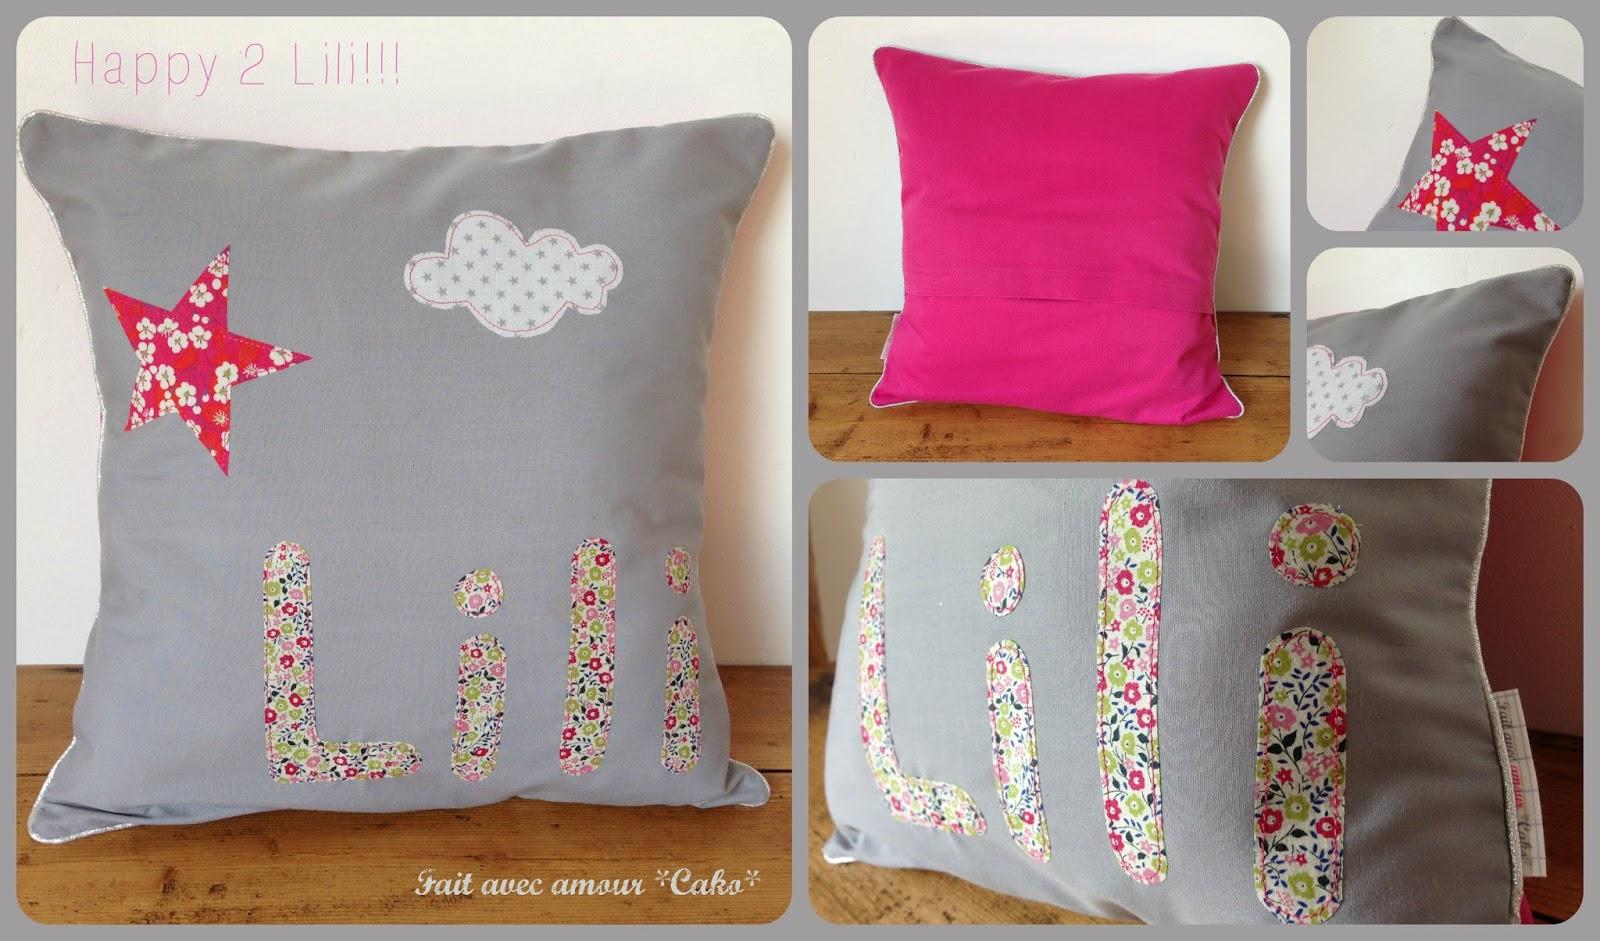 fait avec amour cako coussin personnalis pour lili. Black Bedroom Furniture Sets. Home Design Ideas